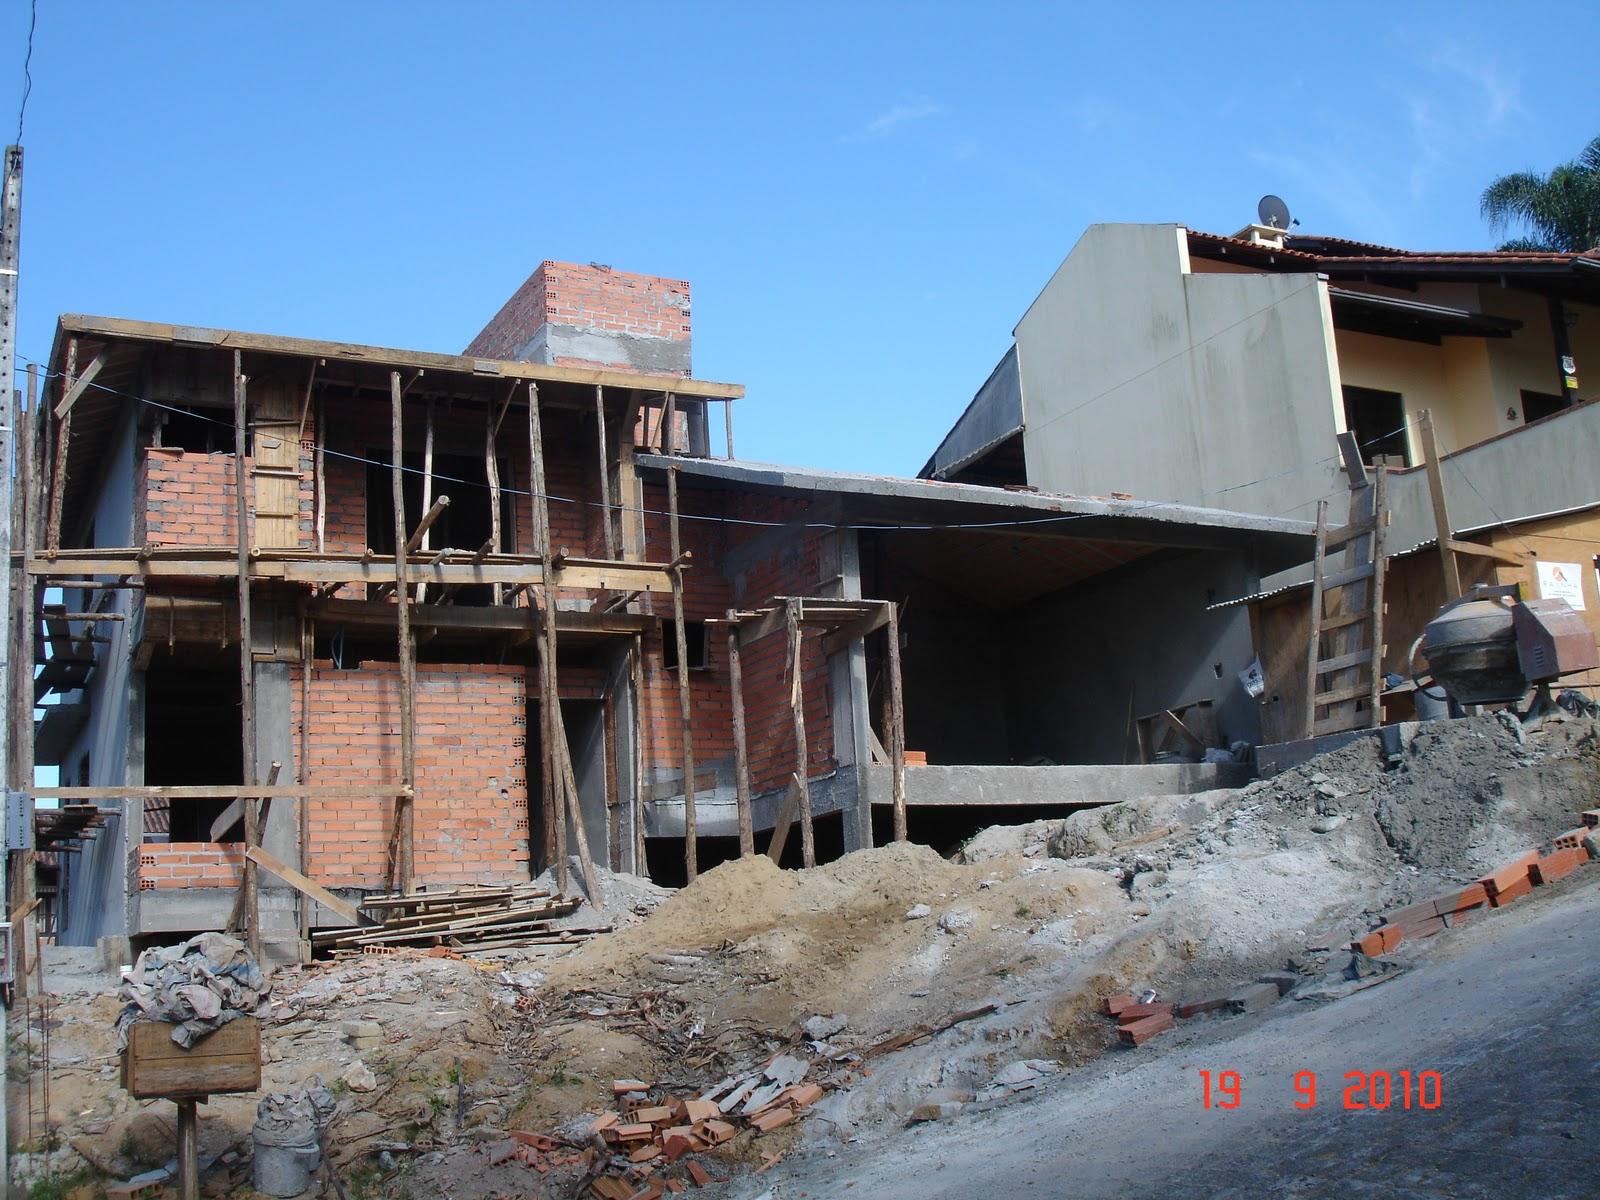 Nossa Casa no Site Construção da fundação ao acabamento: Fotos  #0F67BC 1600 1200